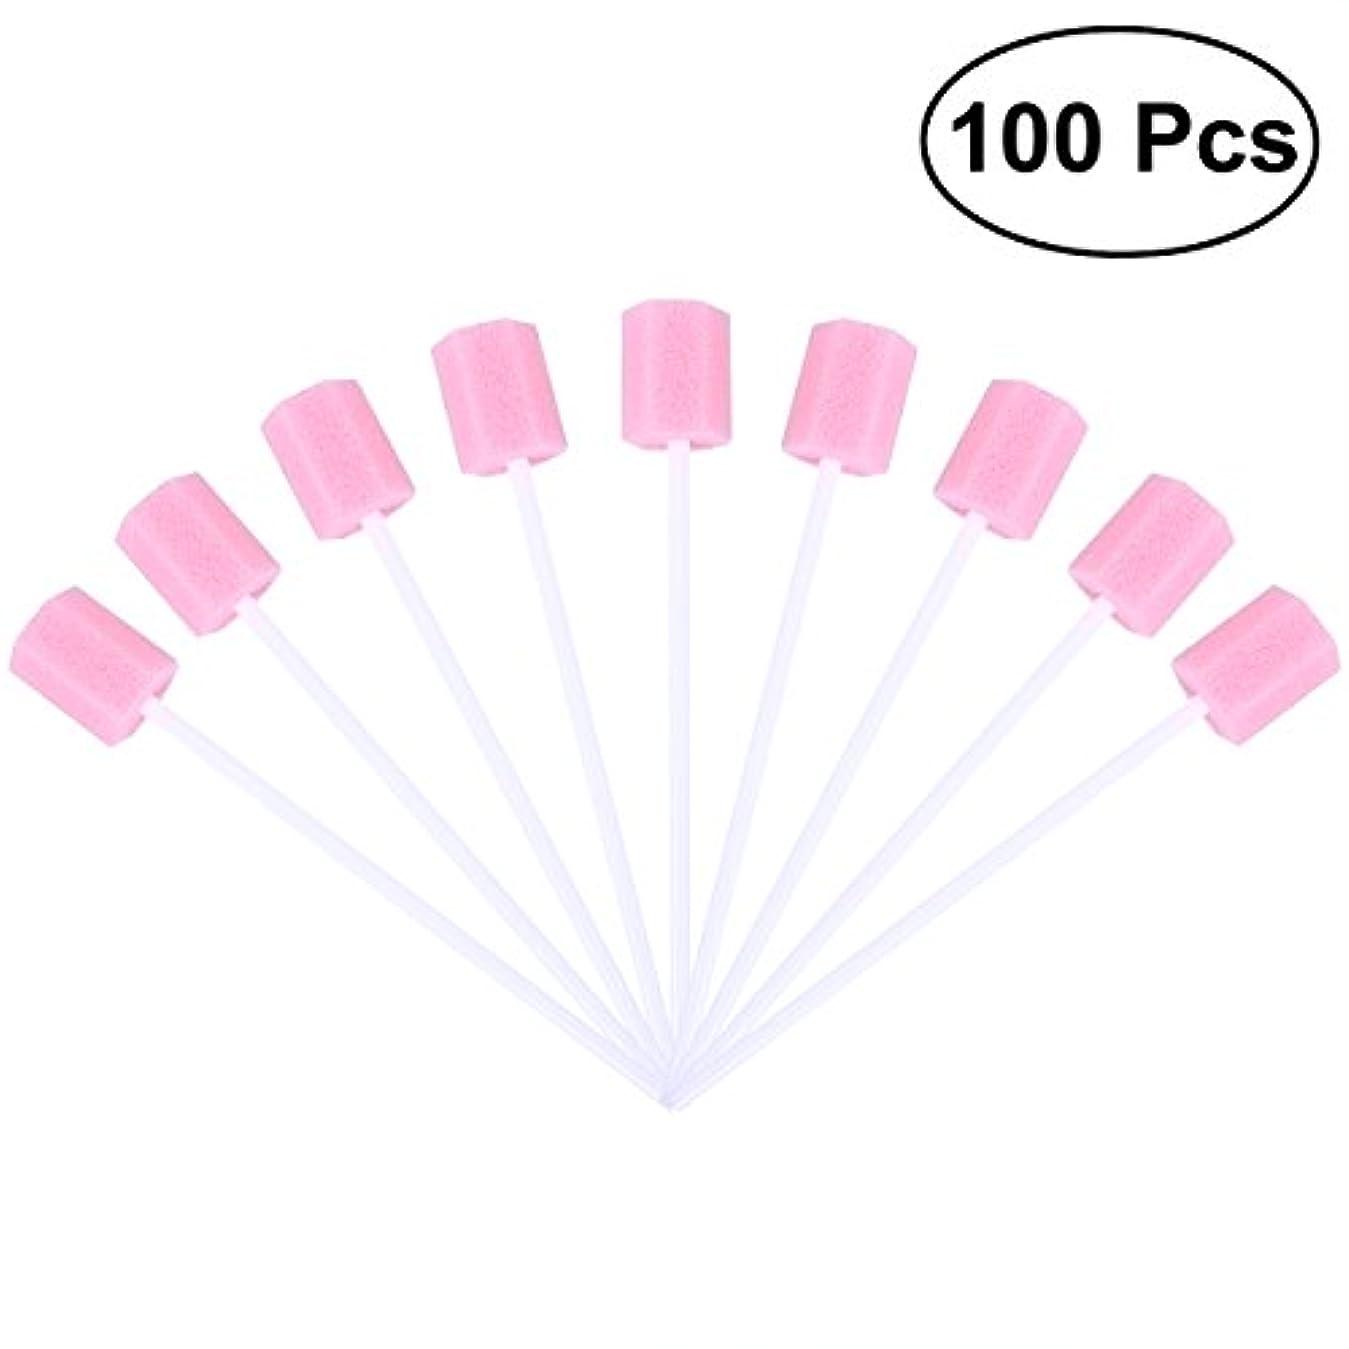 スタックイーウェル反発ROSENICE 使い捨て口腔ケアスポンジスワブ歯口洗浄スワブ100個(ピンク)